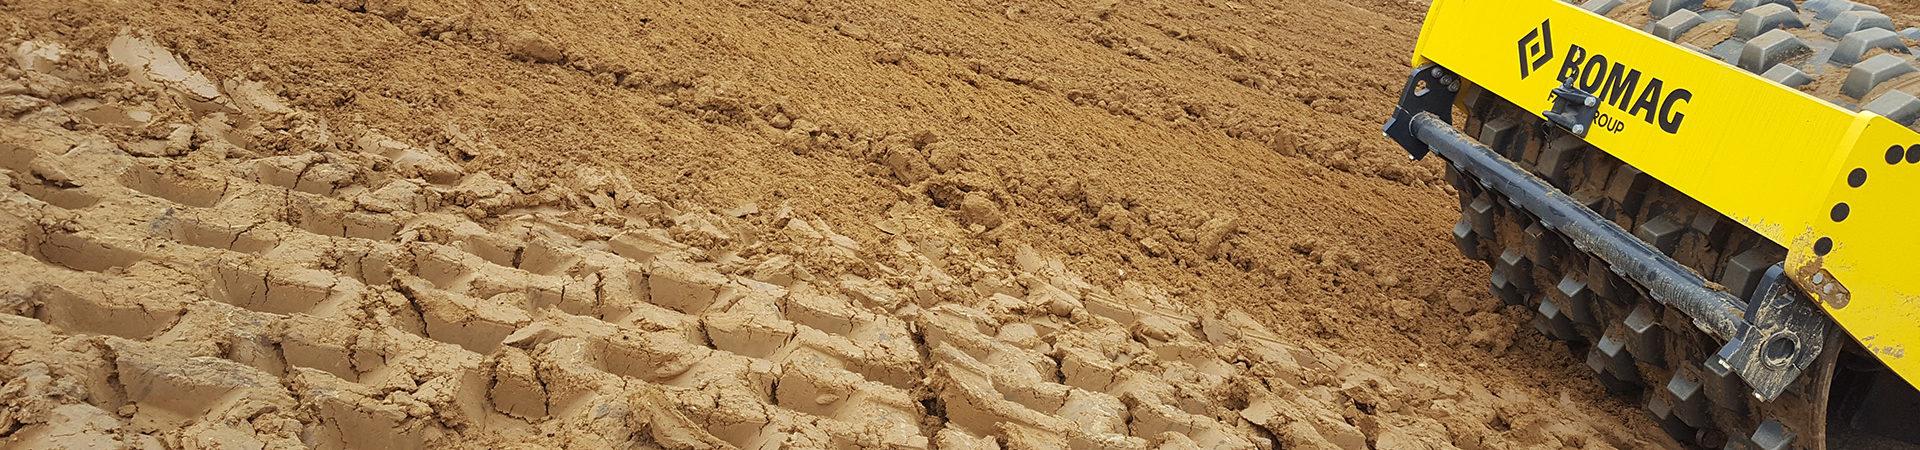 Walze auf braunem Sandboden